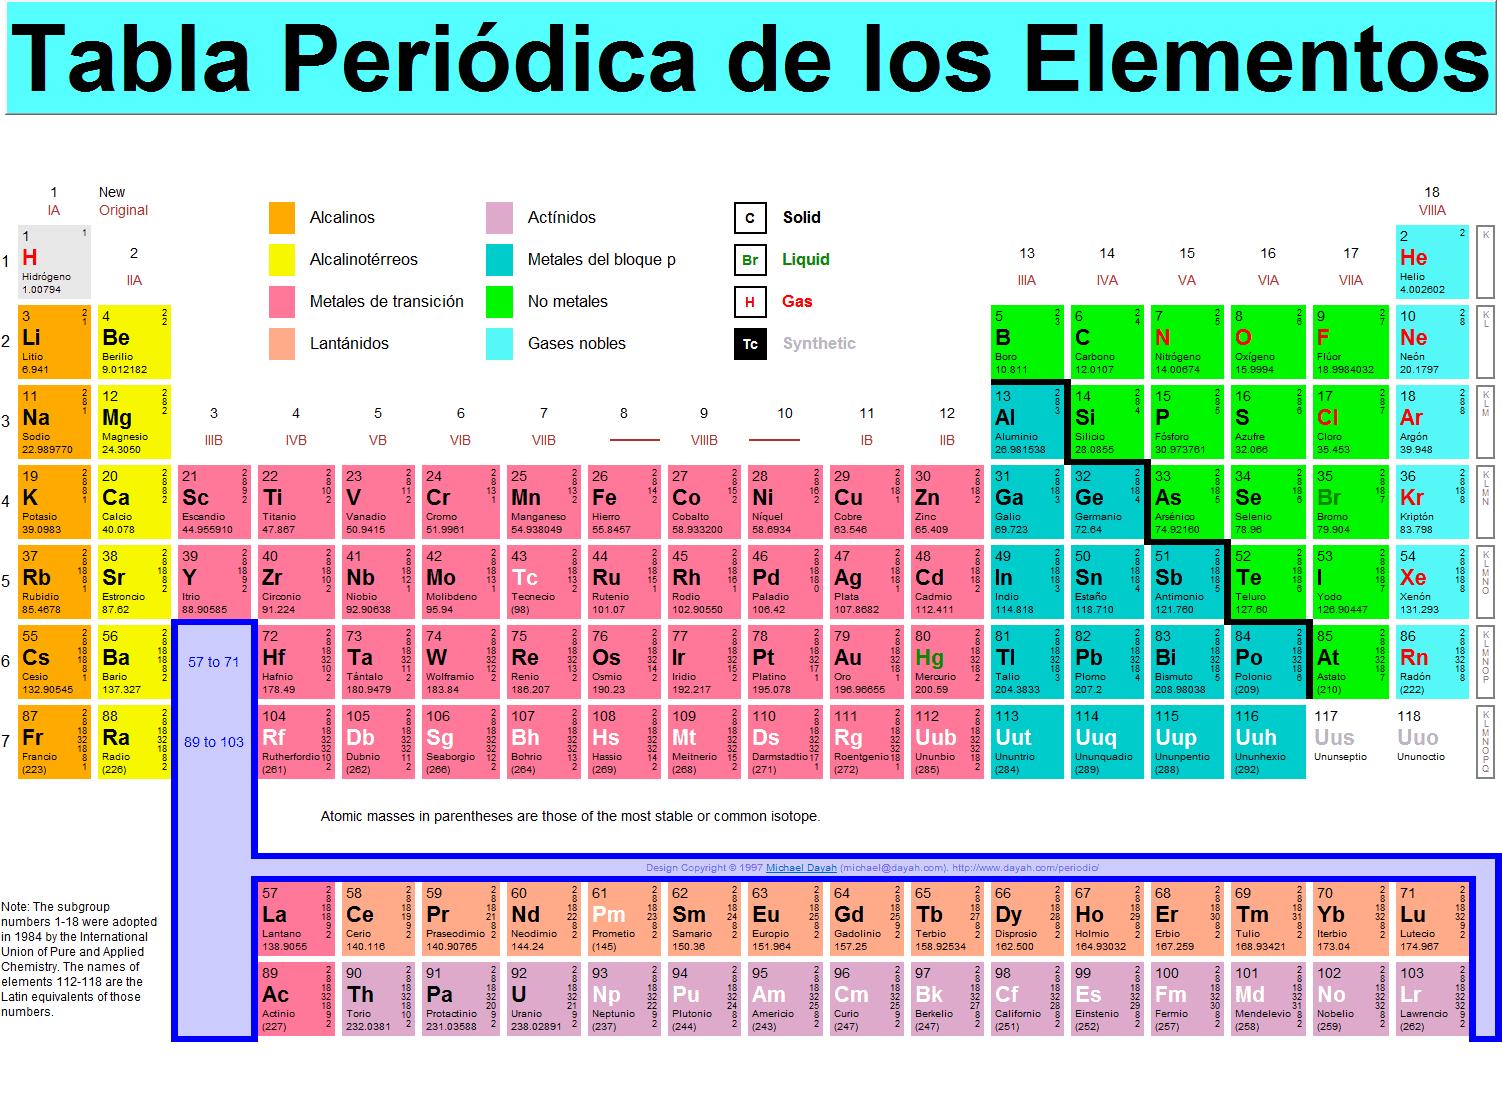 La ciencia de la vida 15 sustancias qumicas ficticias tabla peridica de los elementos urtaz Choice Image